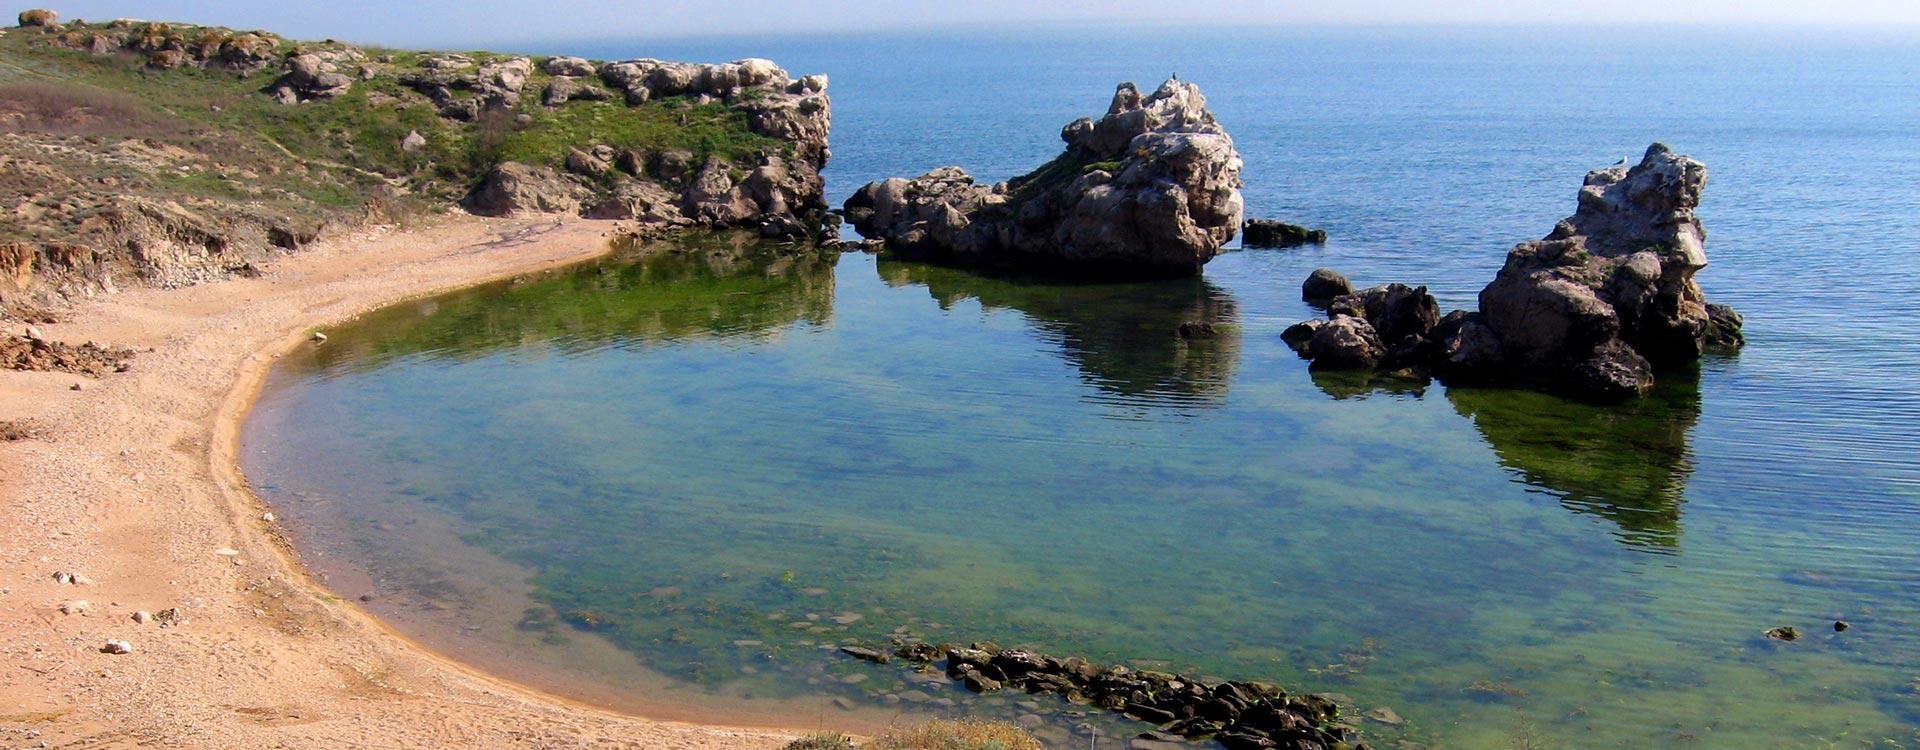 Заповедные пляжи Казантипа Щелкино Крым